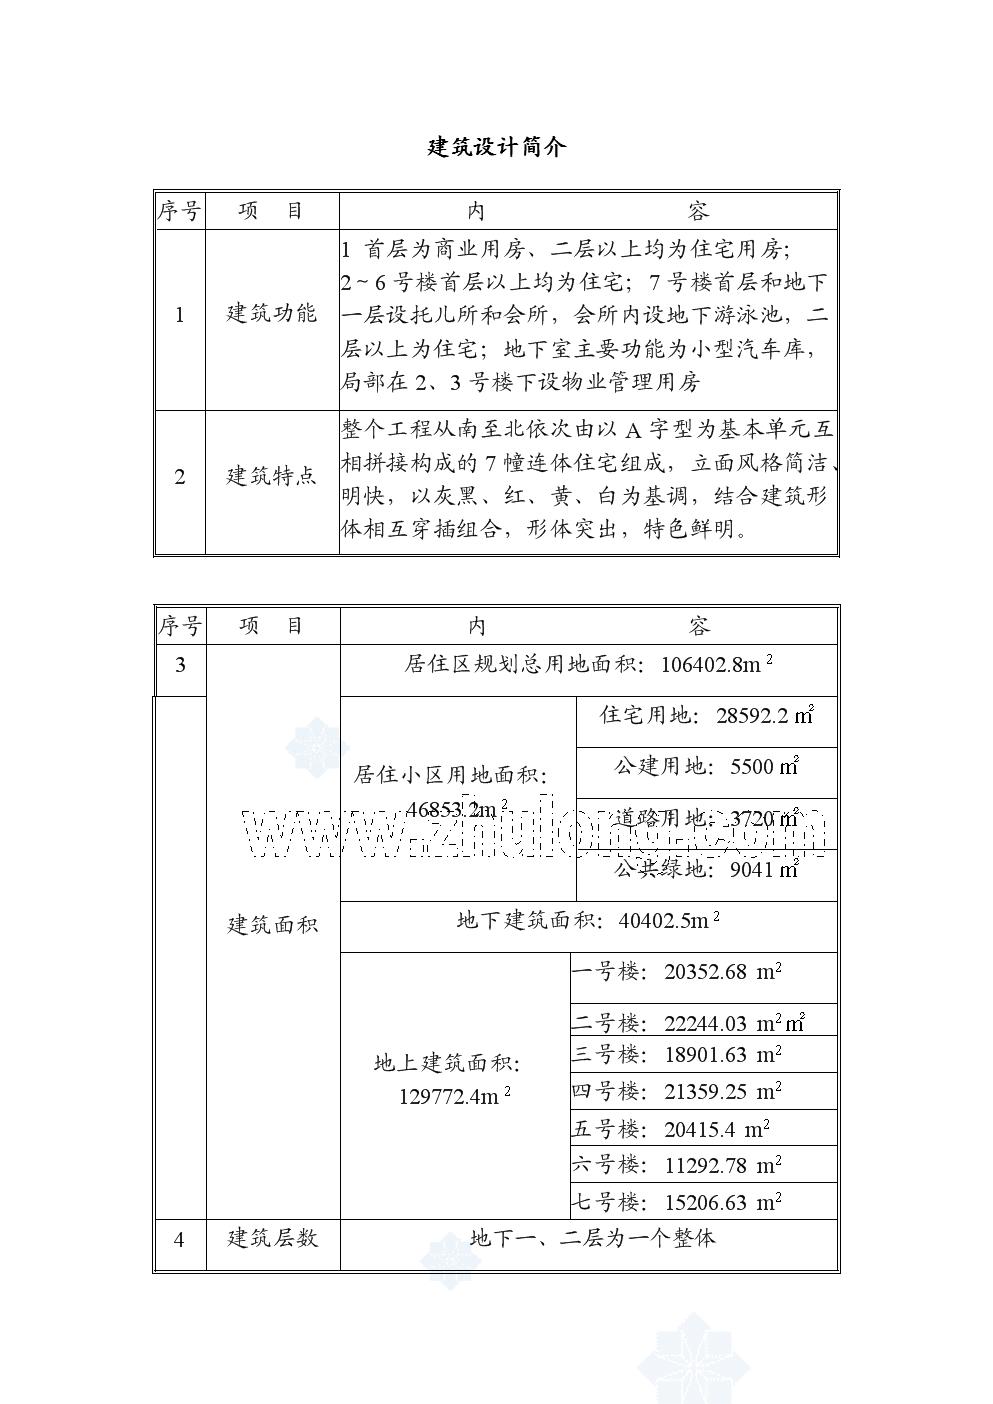 建筑设计简介.docx